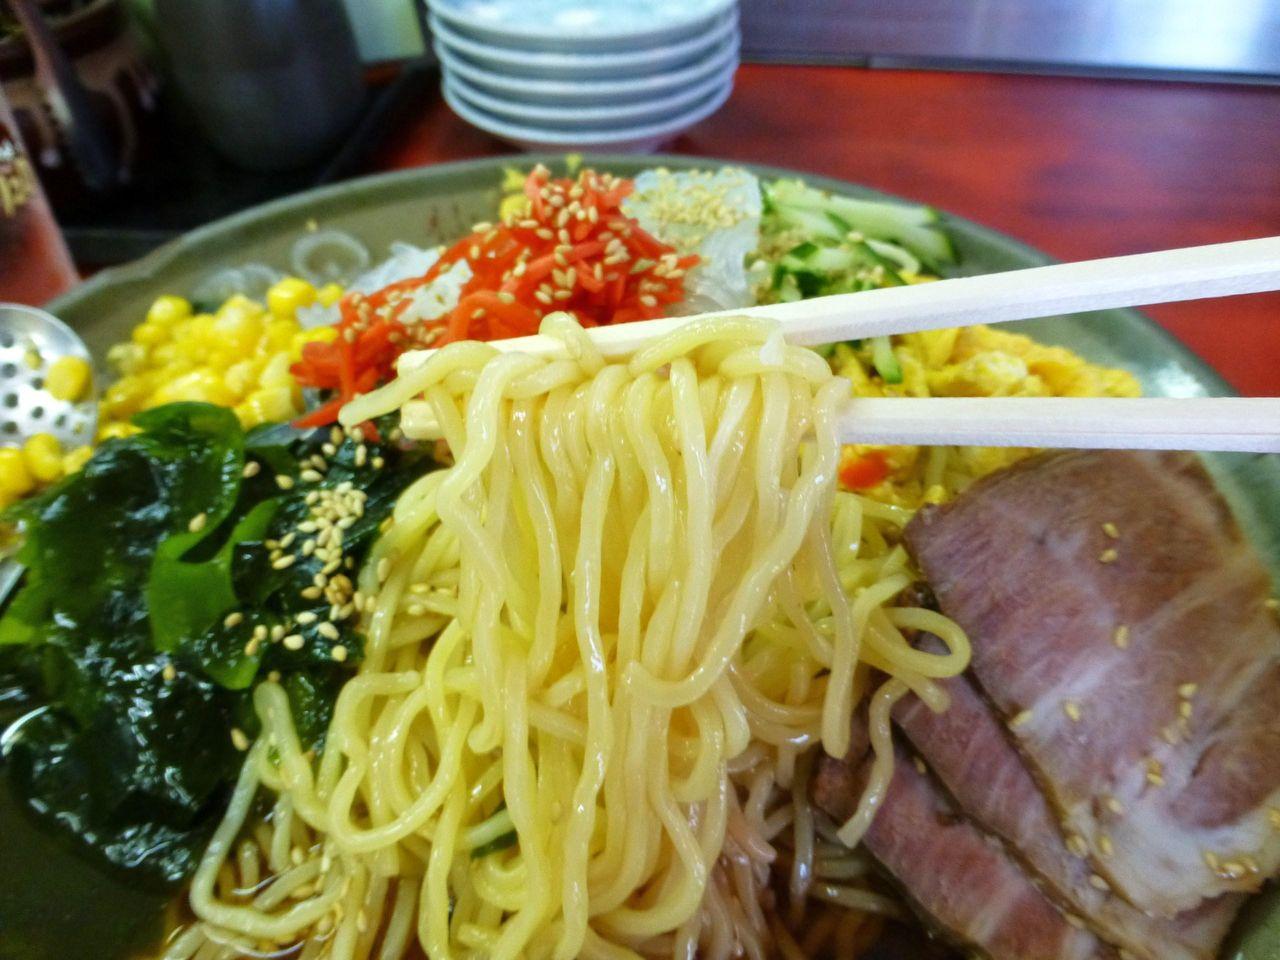 中細麺と昔ながらの甘酸っぱいスープが良く合います!